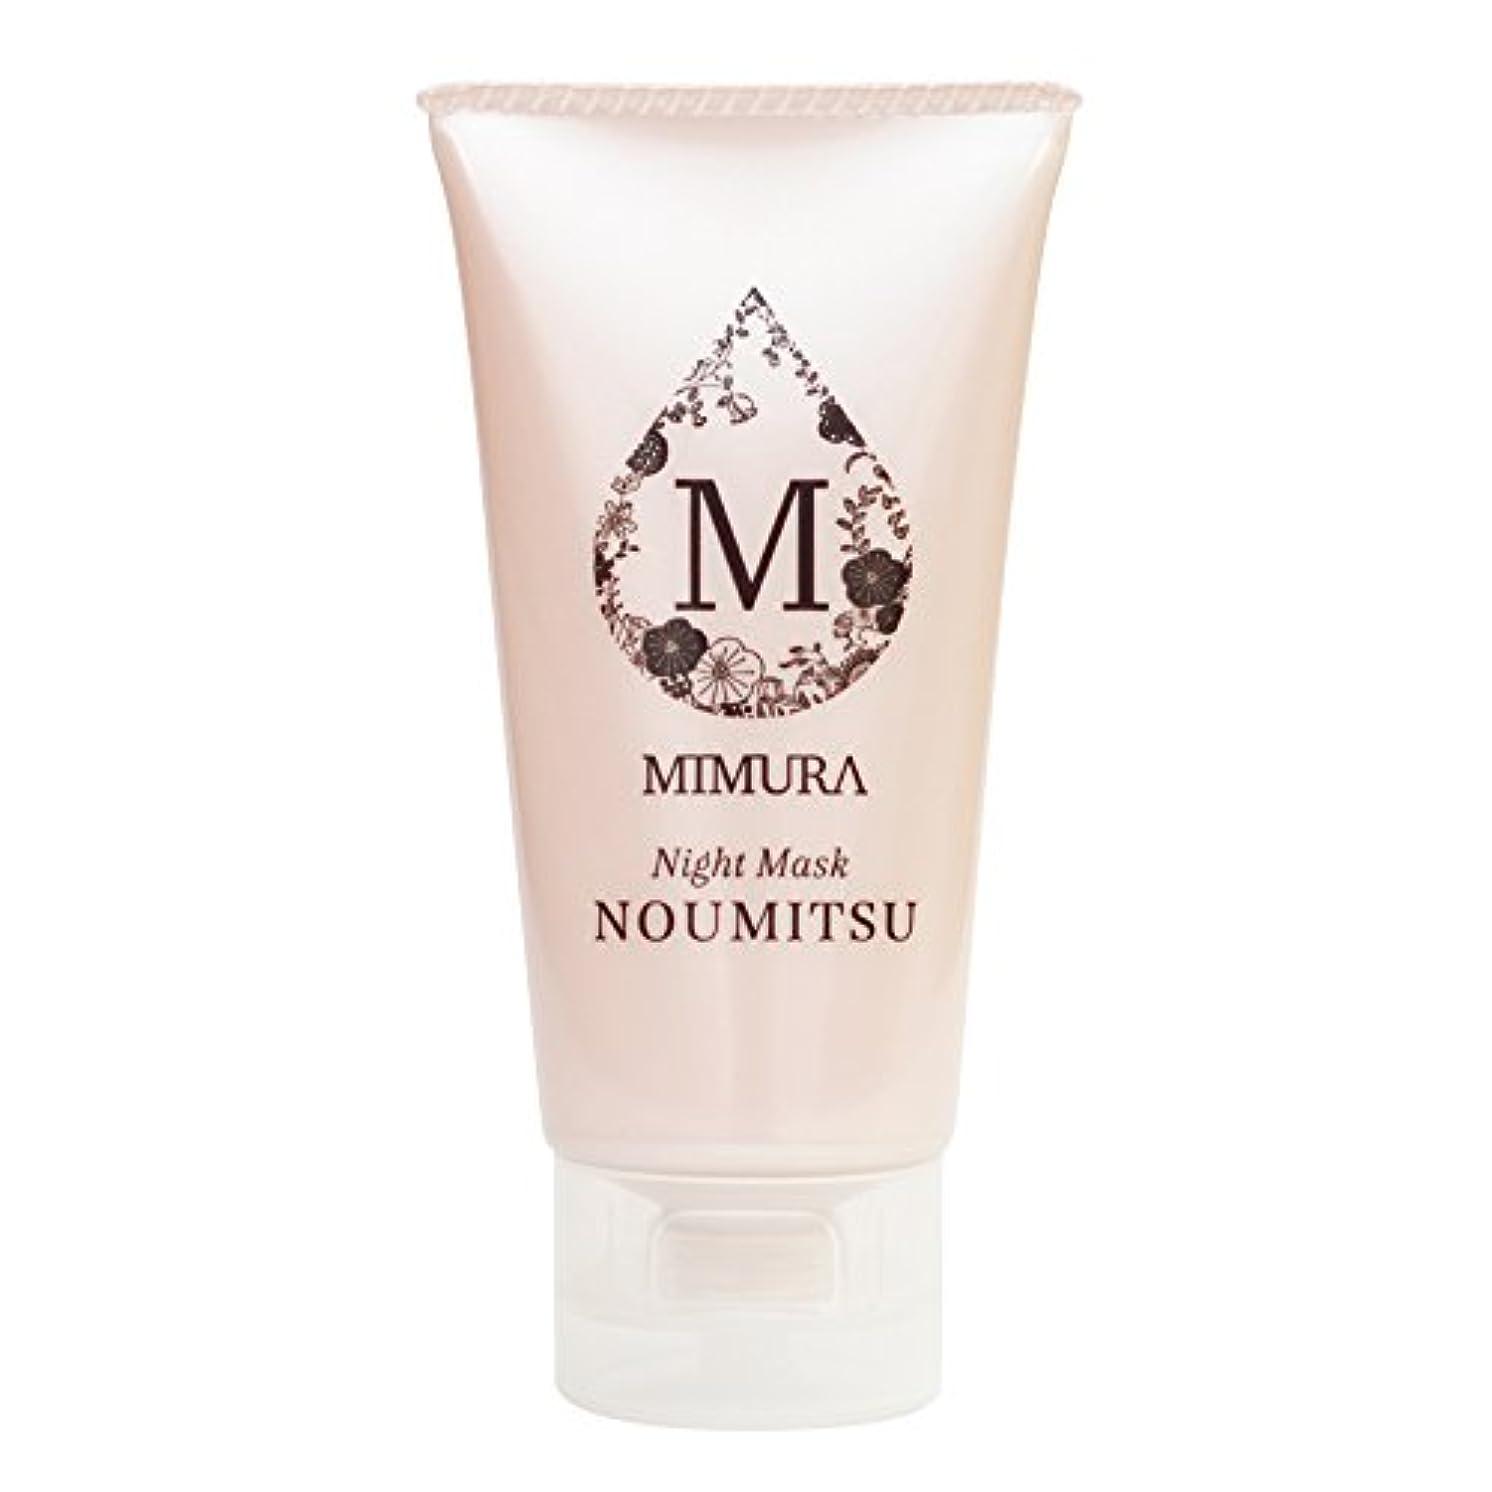 ぴかぴかましいせせらぎナイトケアクリーム 保湿 顔 用 ミムラ ナイトマスク NOUMITSU 48g MIMURA 乾燥肌 日本製